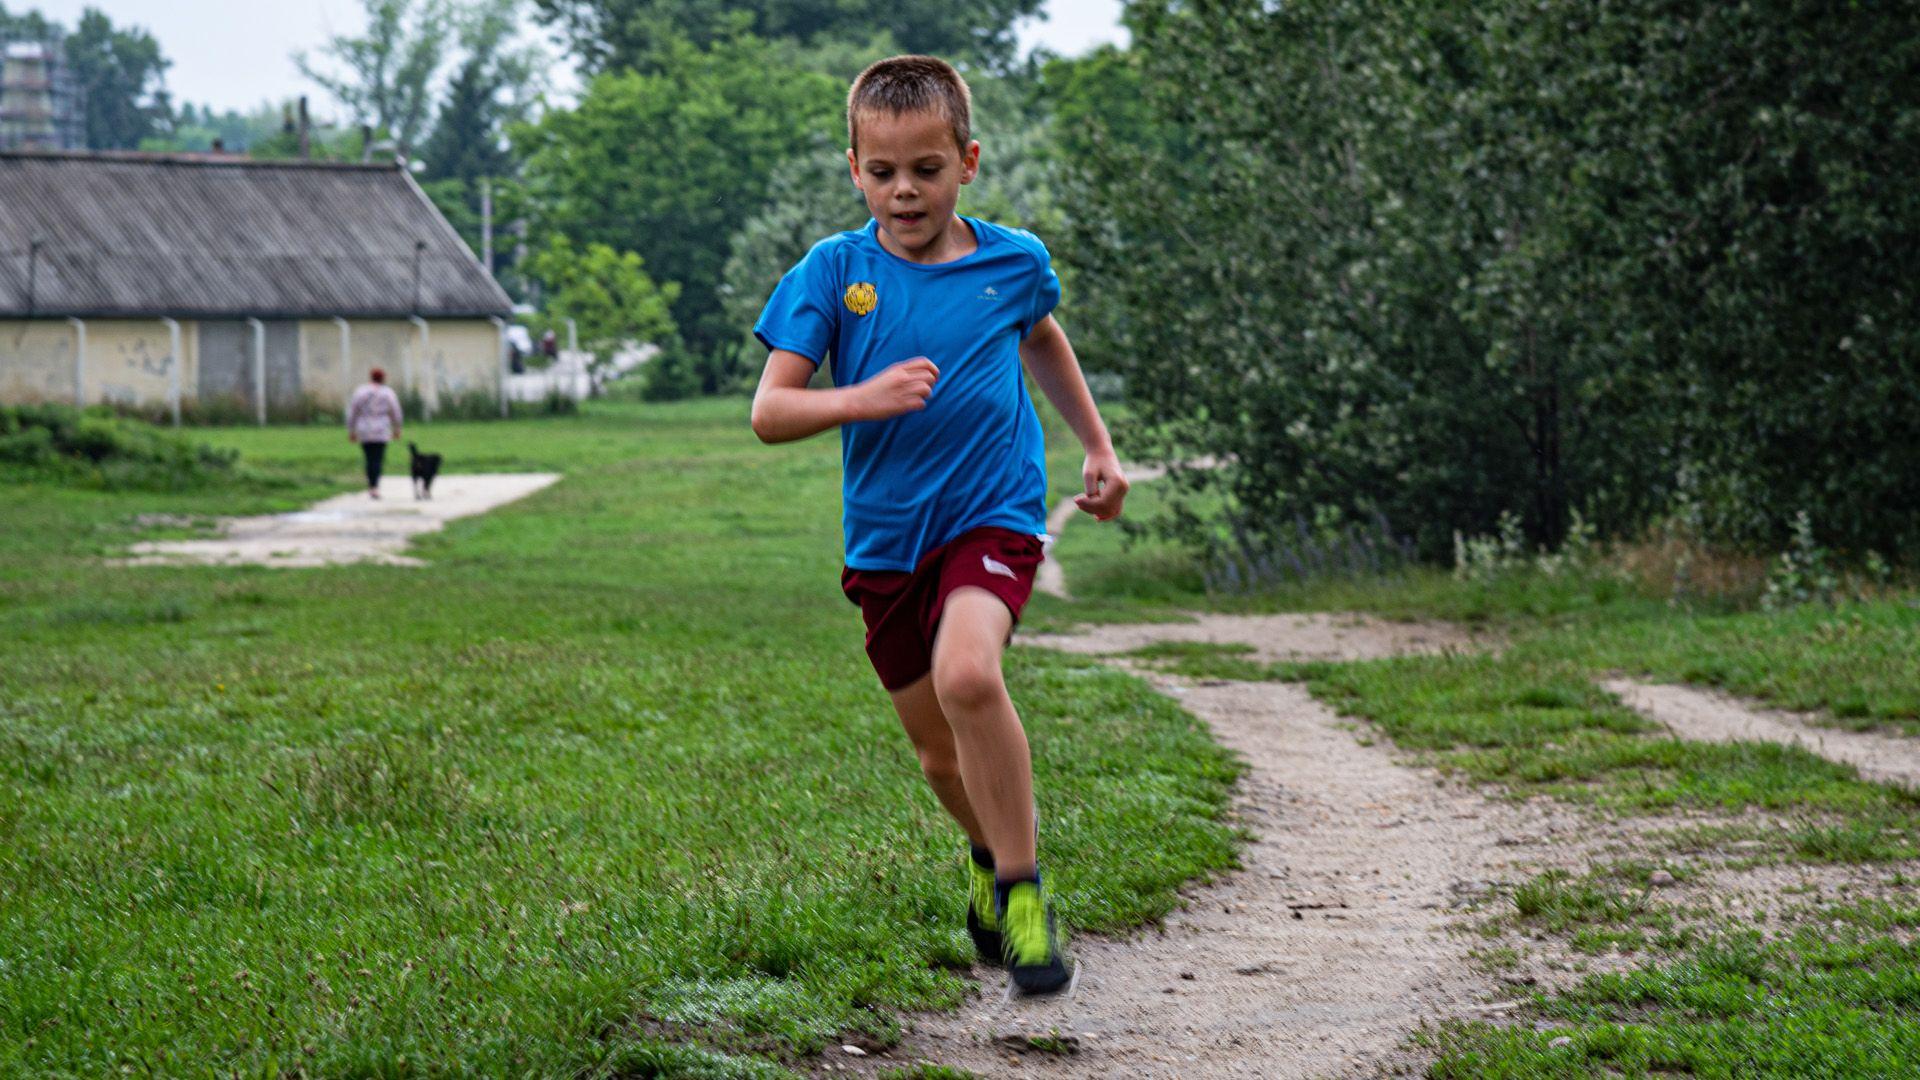 Félmaratonokat fut a nyolcéves Lóci